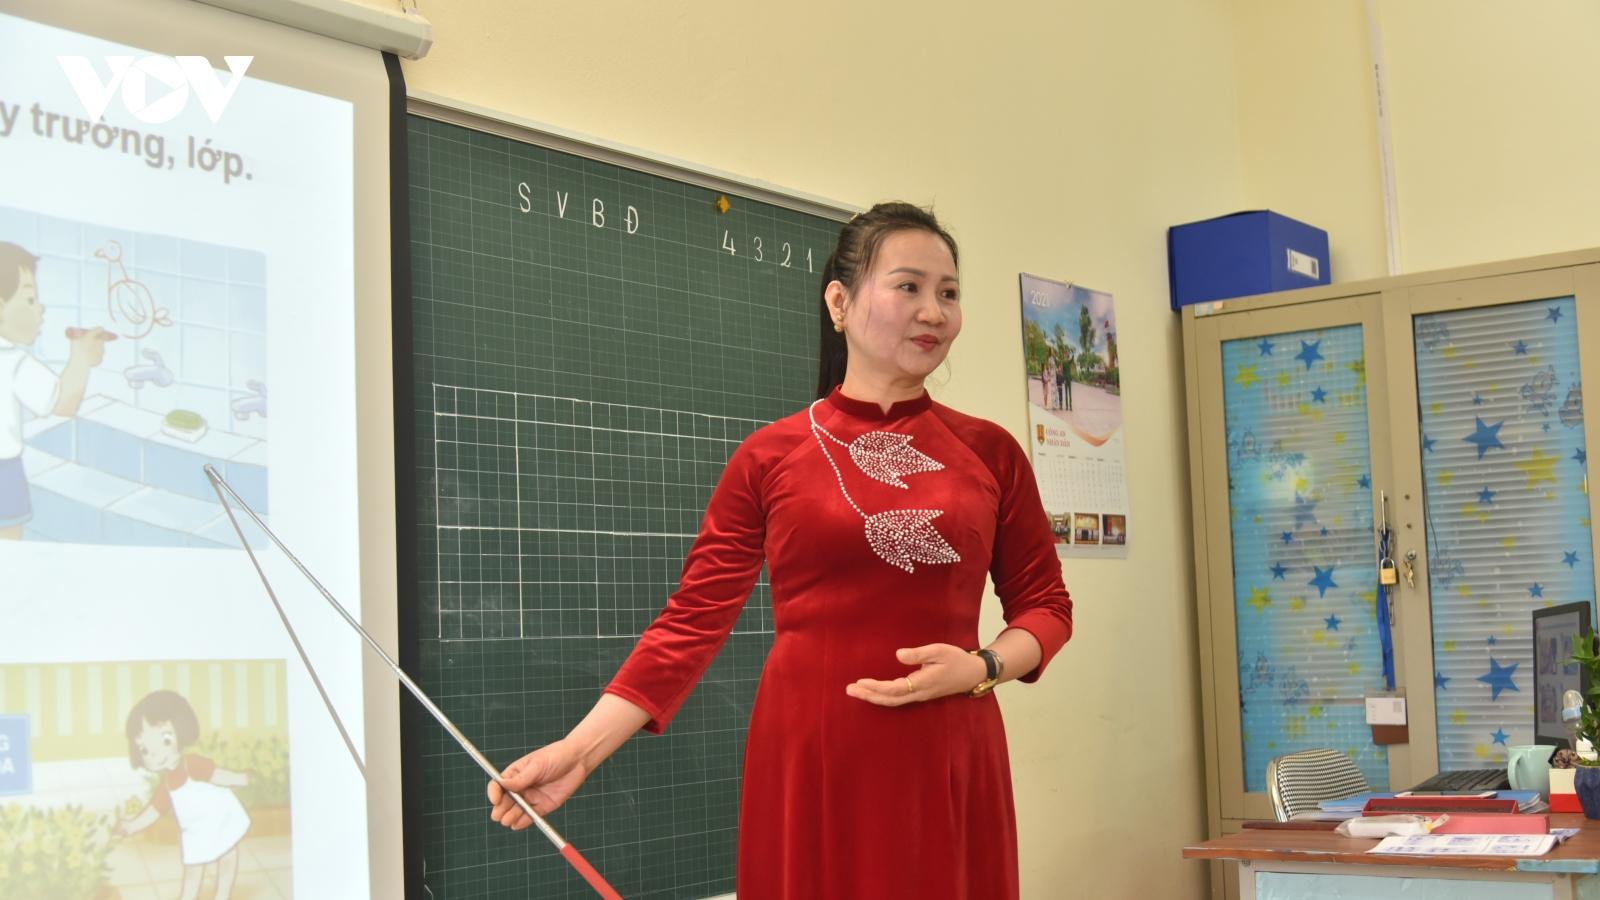 Thiếu giáo viên Ngoại ngữ, Tin học khi thực hiện Chương trình GDPT mới